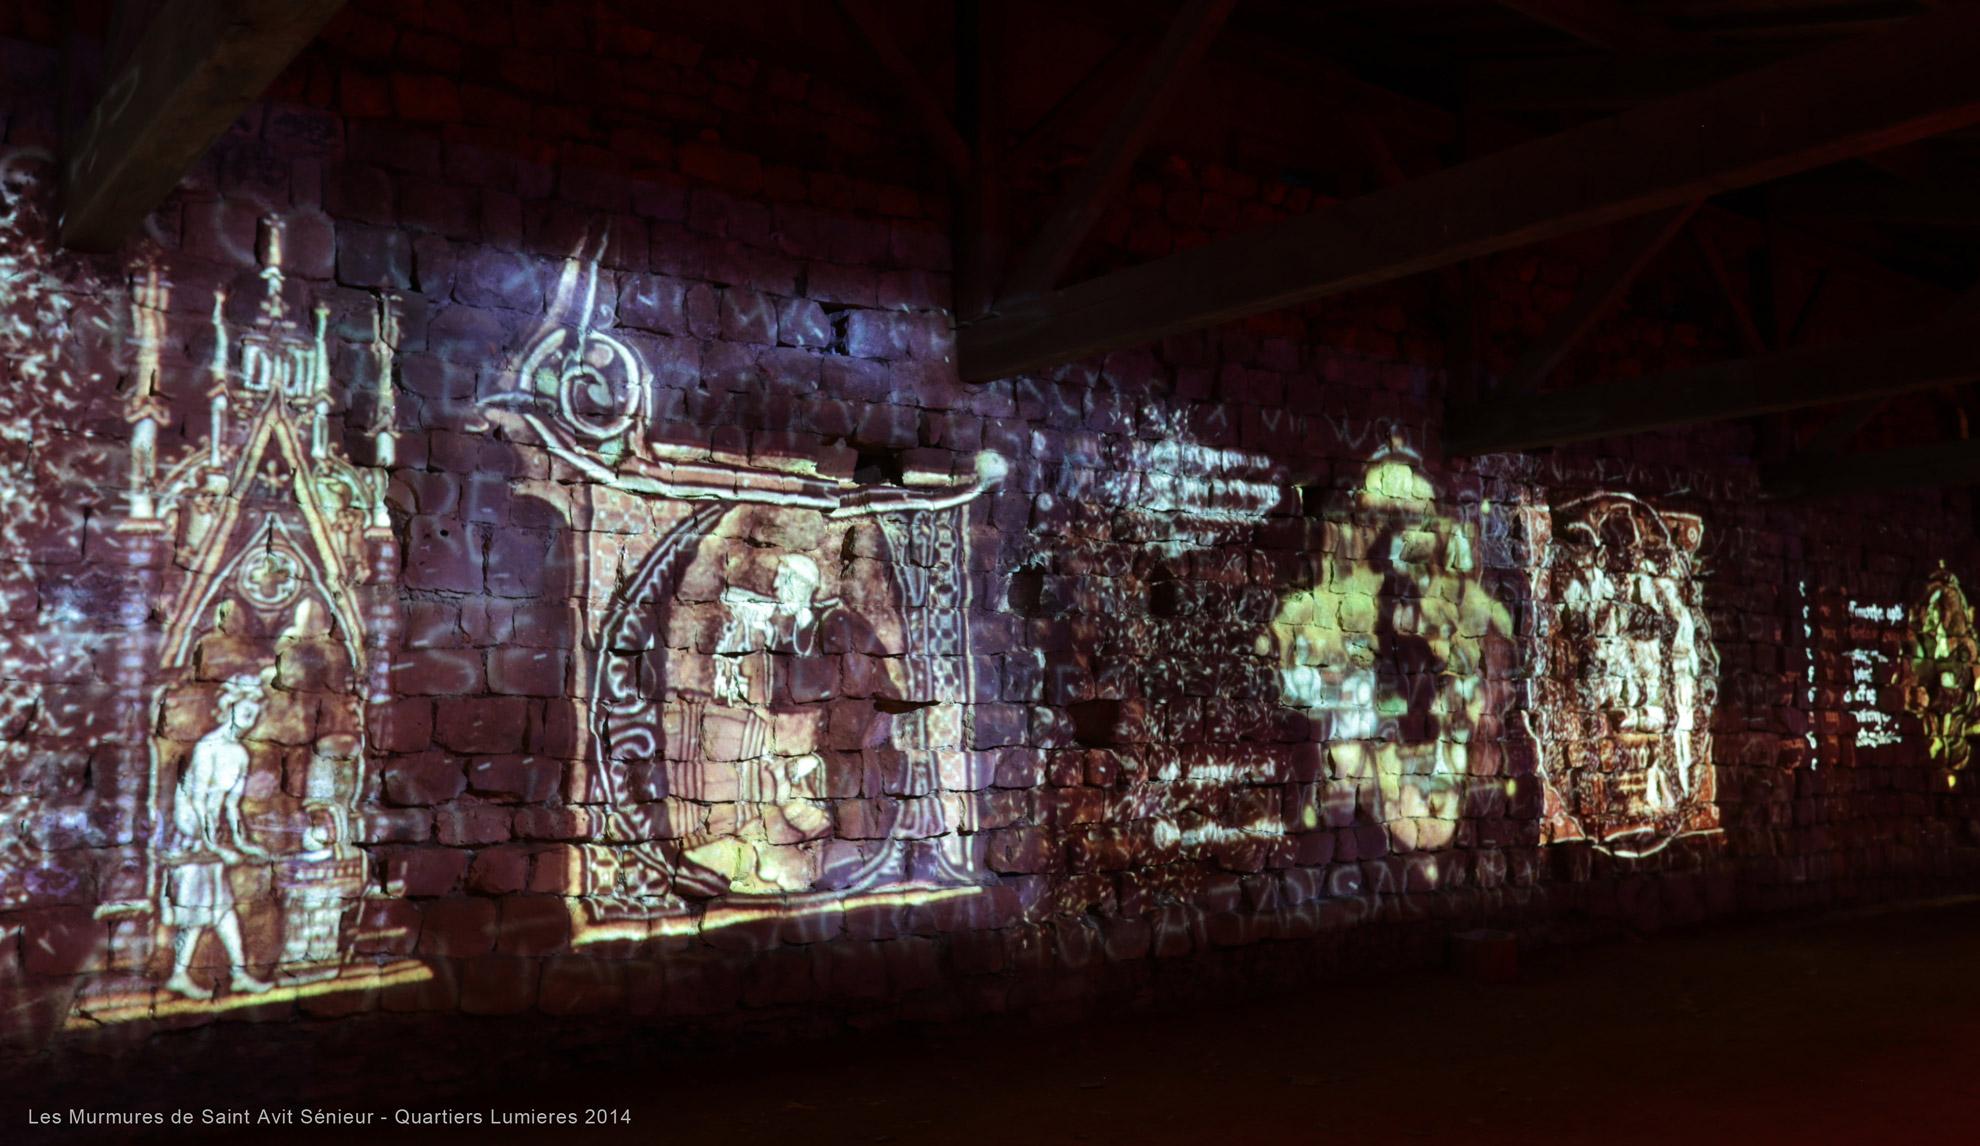 projection d'image lumière sur un mur